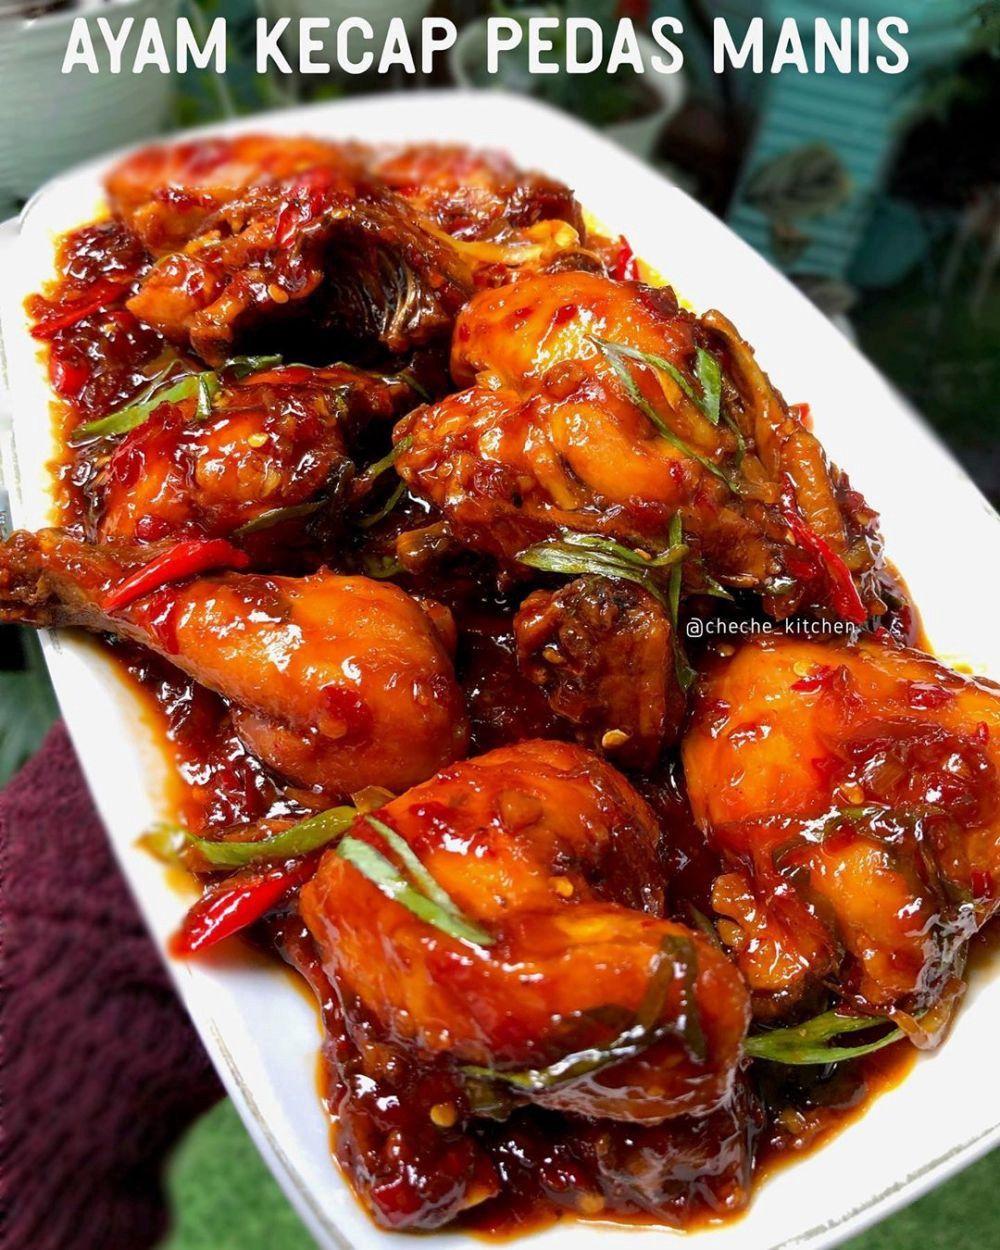 Resep Ayam Kecap Pedas : resep, kecap, pedas, Resep, Kecap, Pedas, Manis, Sederhana, Ayam…, Ayam,, Masakan,, Sayap